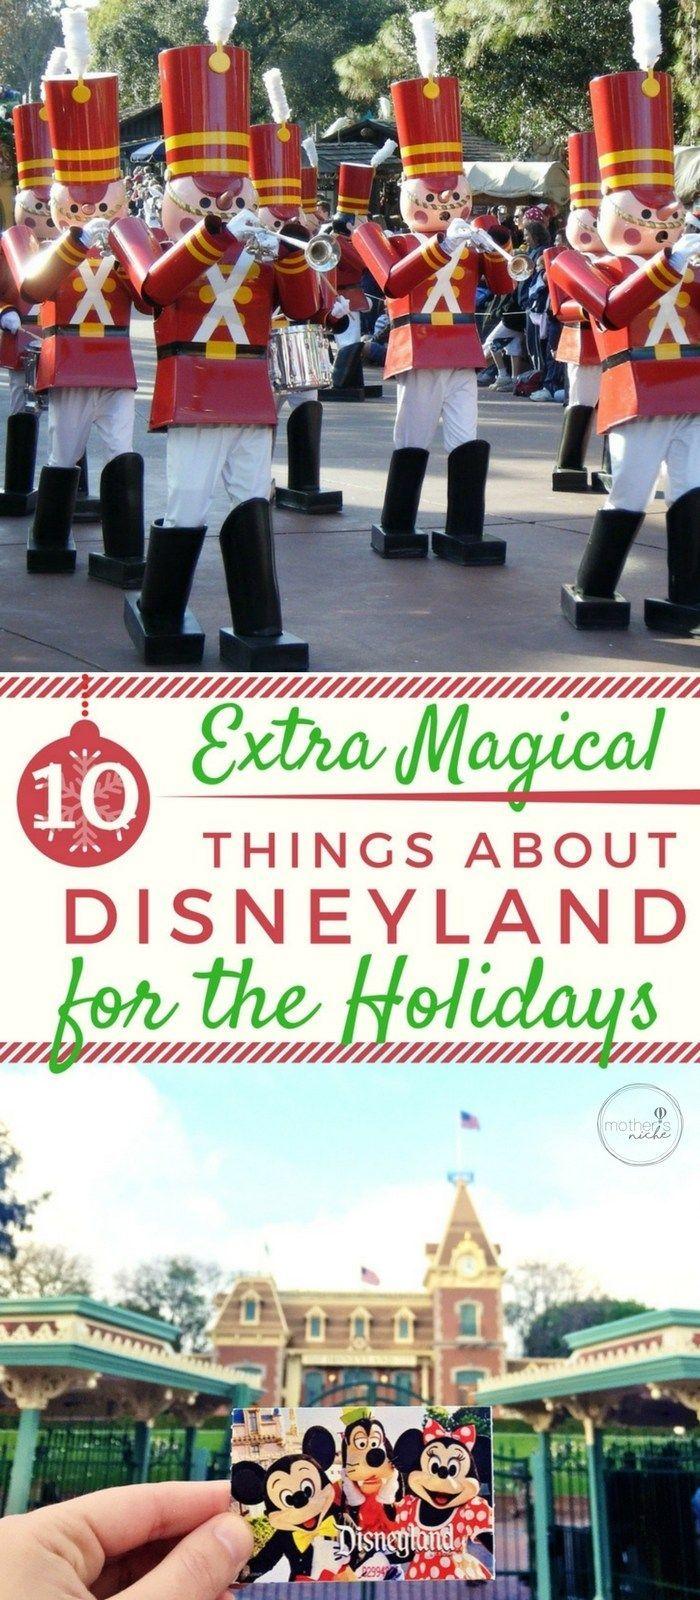 Disneyland zu Weihnachten! 10 magische Dinge über die Feiertage bei Disney!